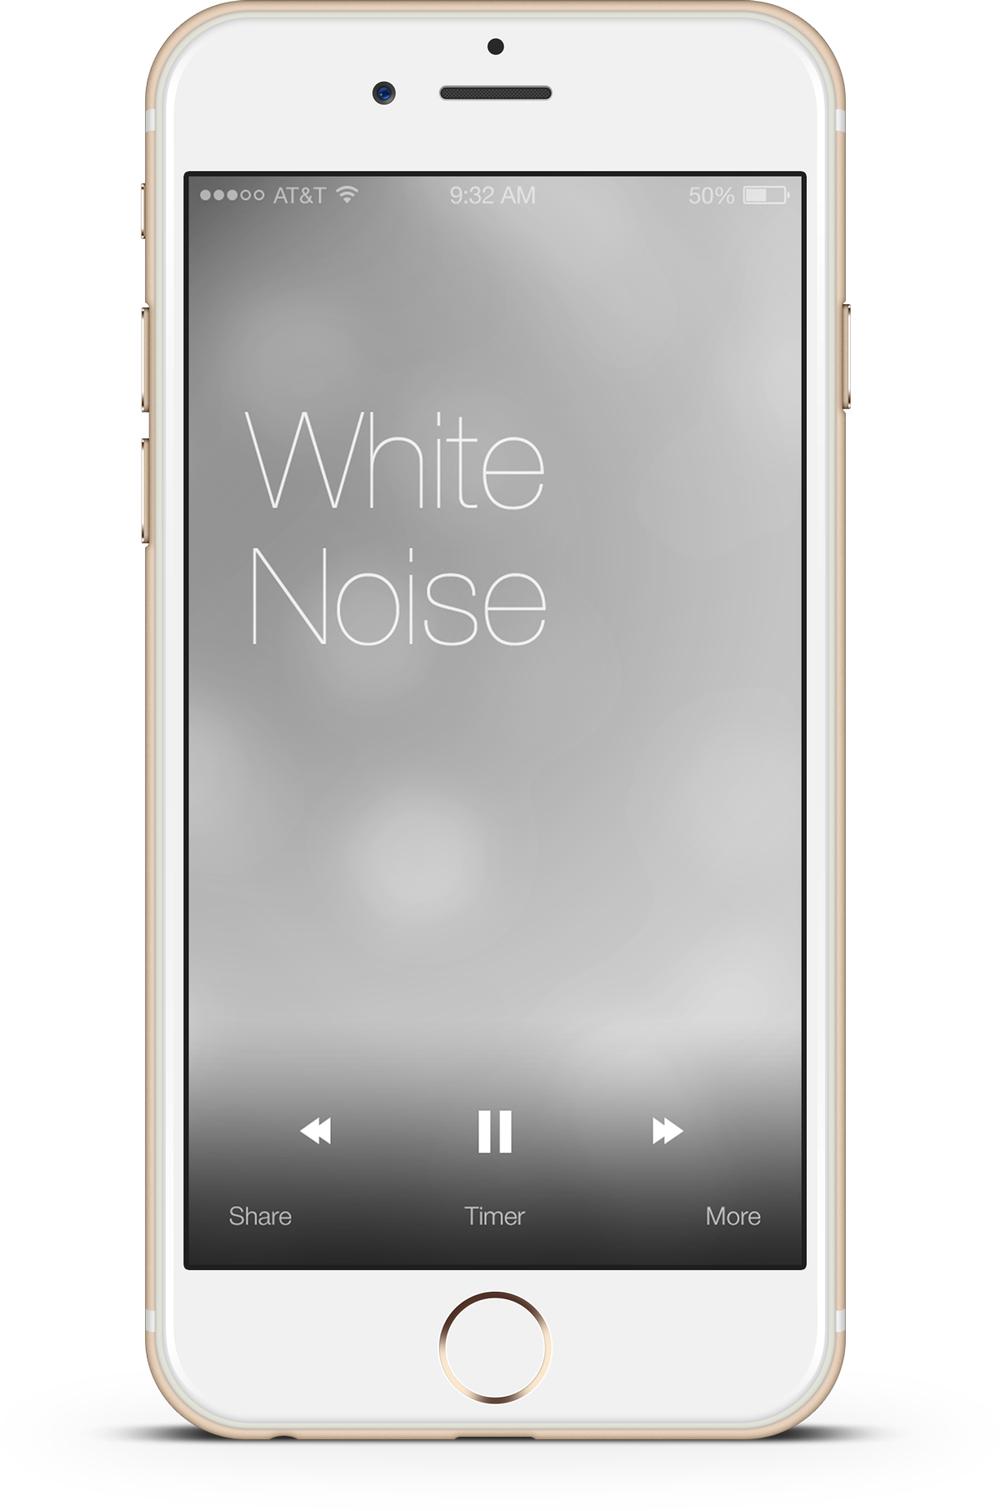 app-relax-whitenoise.jpg